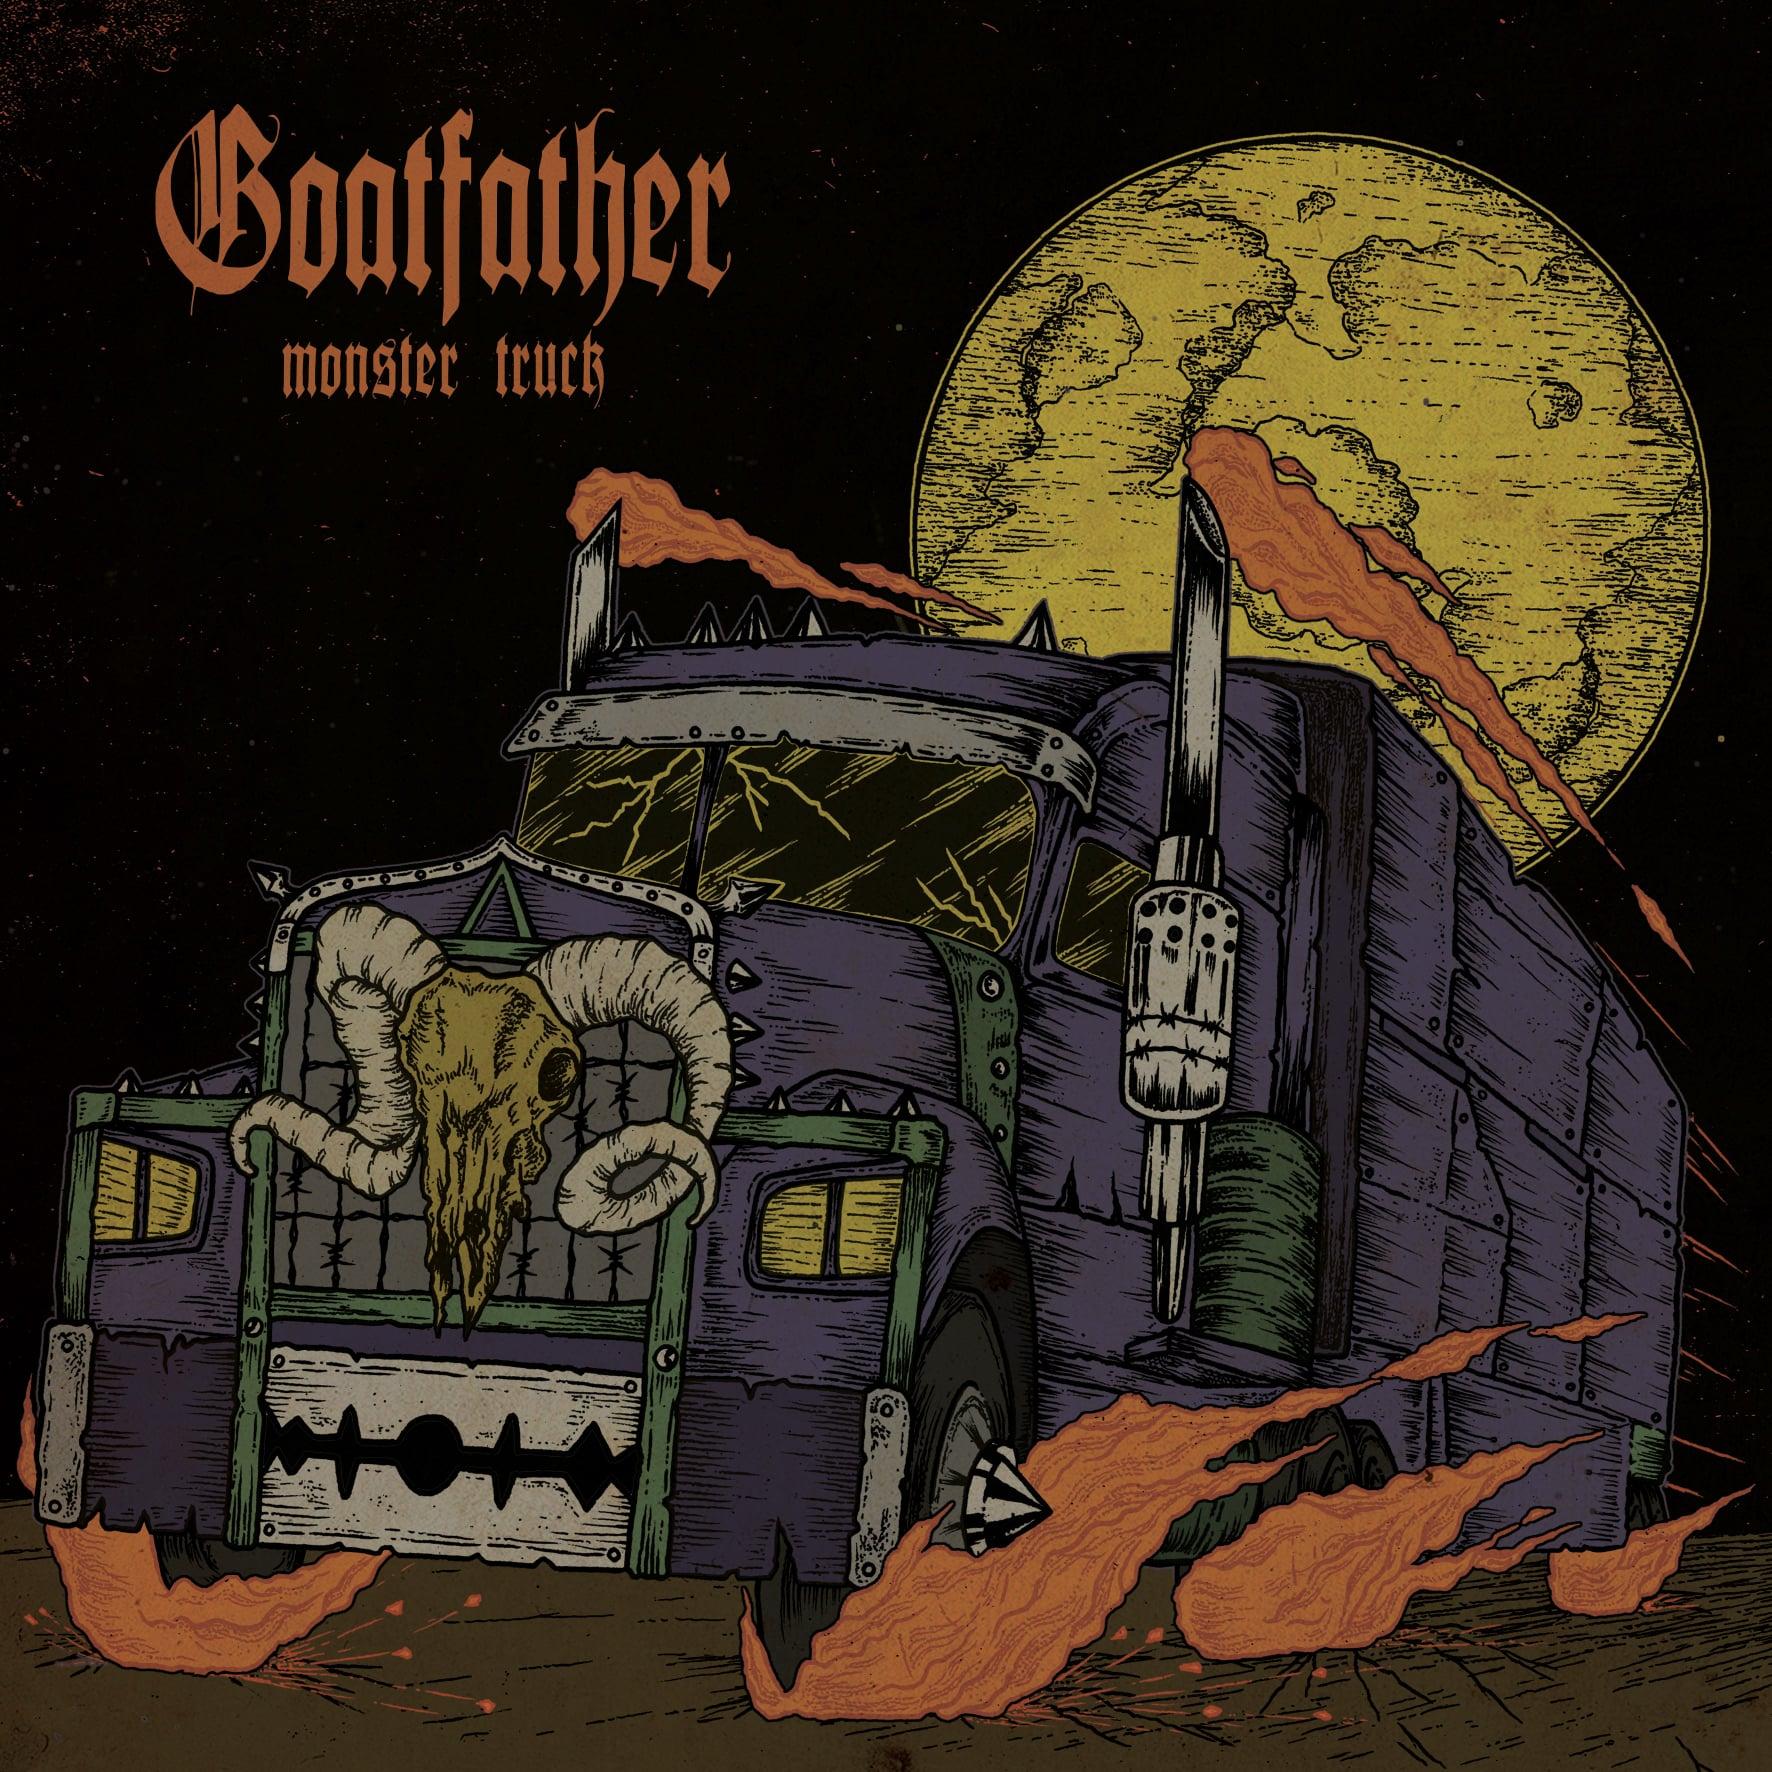 GOATFATHER Monster Truck Album Cover Artwork